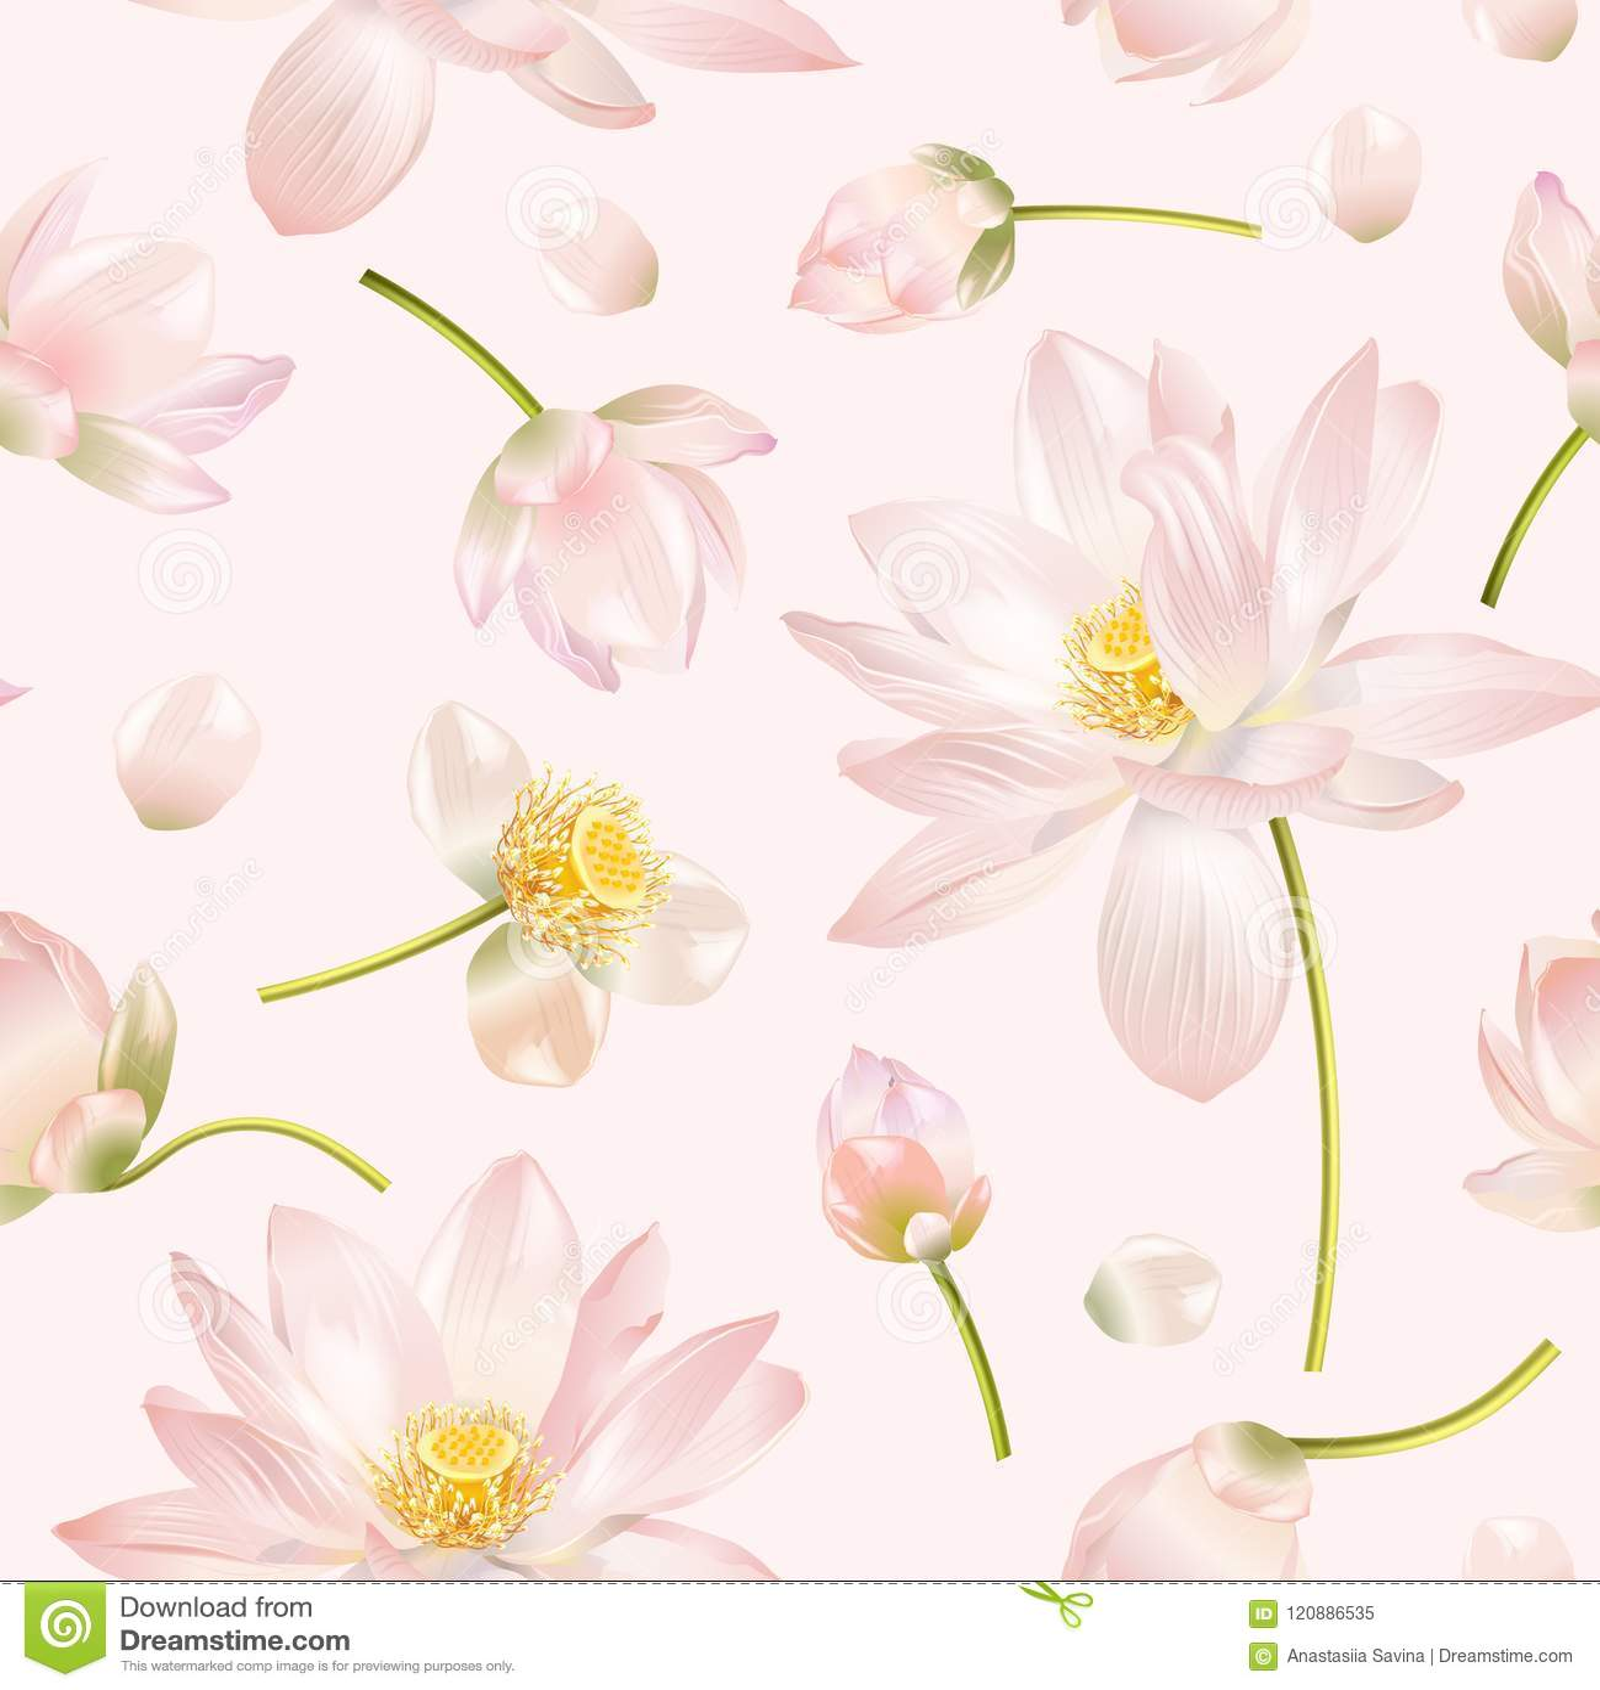 Lotus Flower Pattern Stock Vector Illustration Of Medicinal 120886535